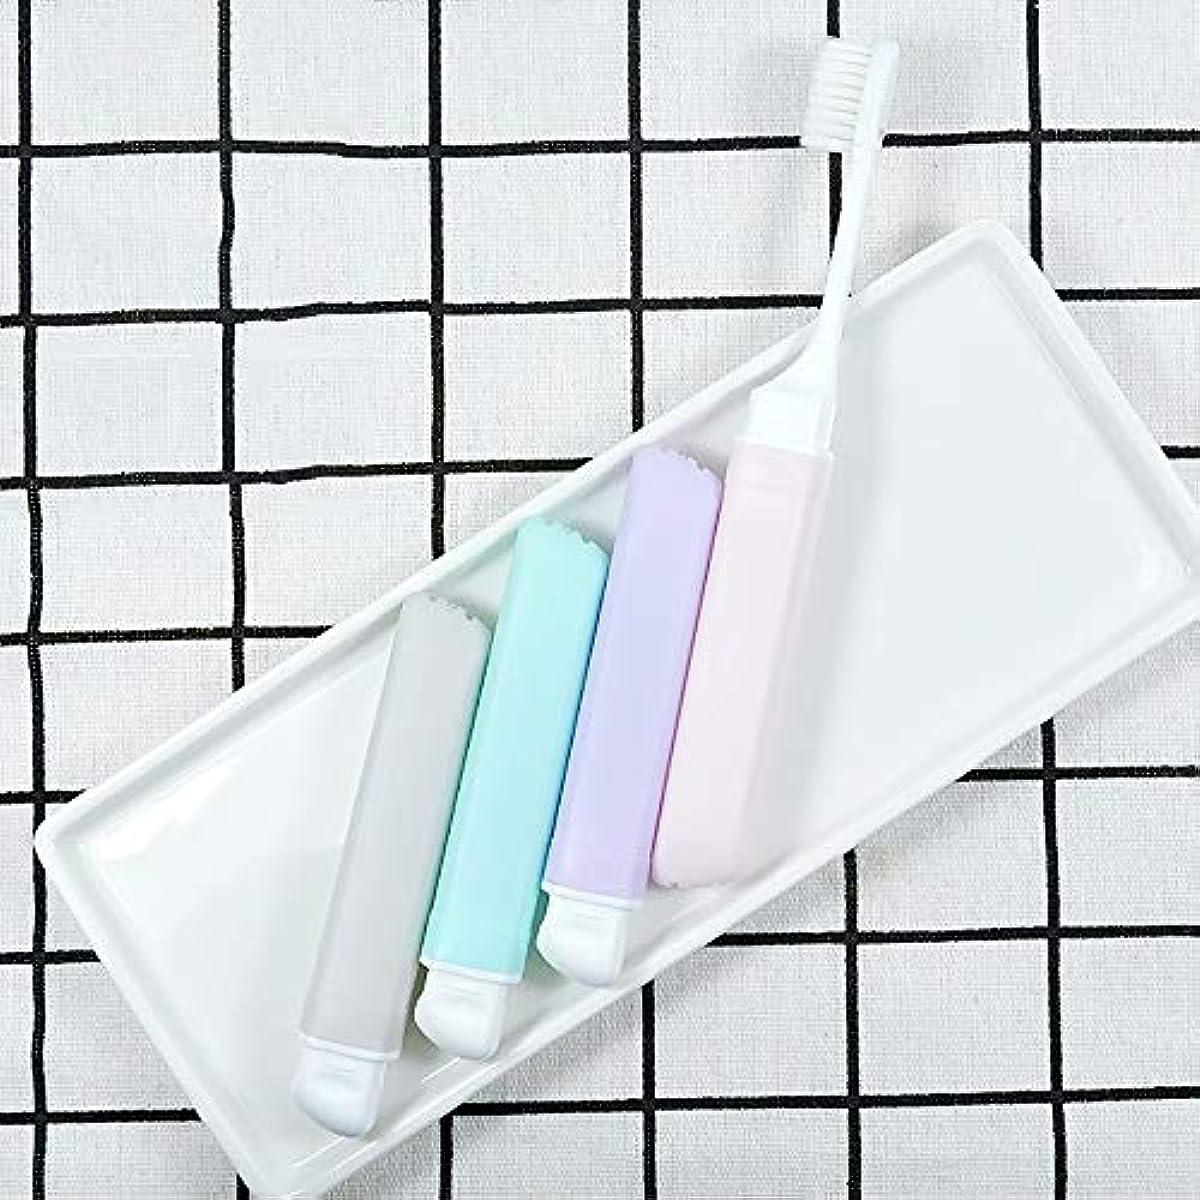 メドレーよろしく取り扱い歯ブラシ 10柔らかい歯ブラシ、携帯用歯ブラシ、折り畳み式の大人歯ブラシ - 10パック KHL (サイズ : 10 packs)